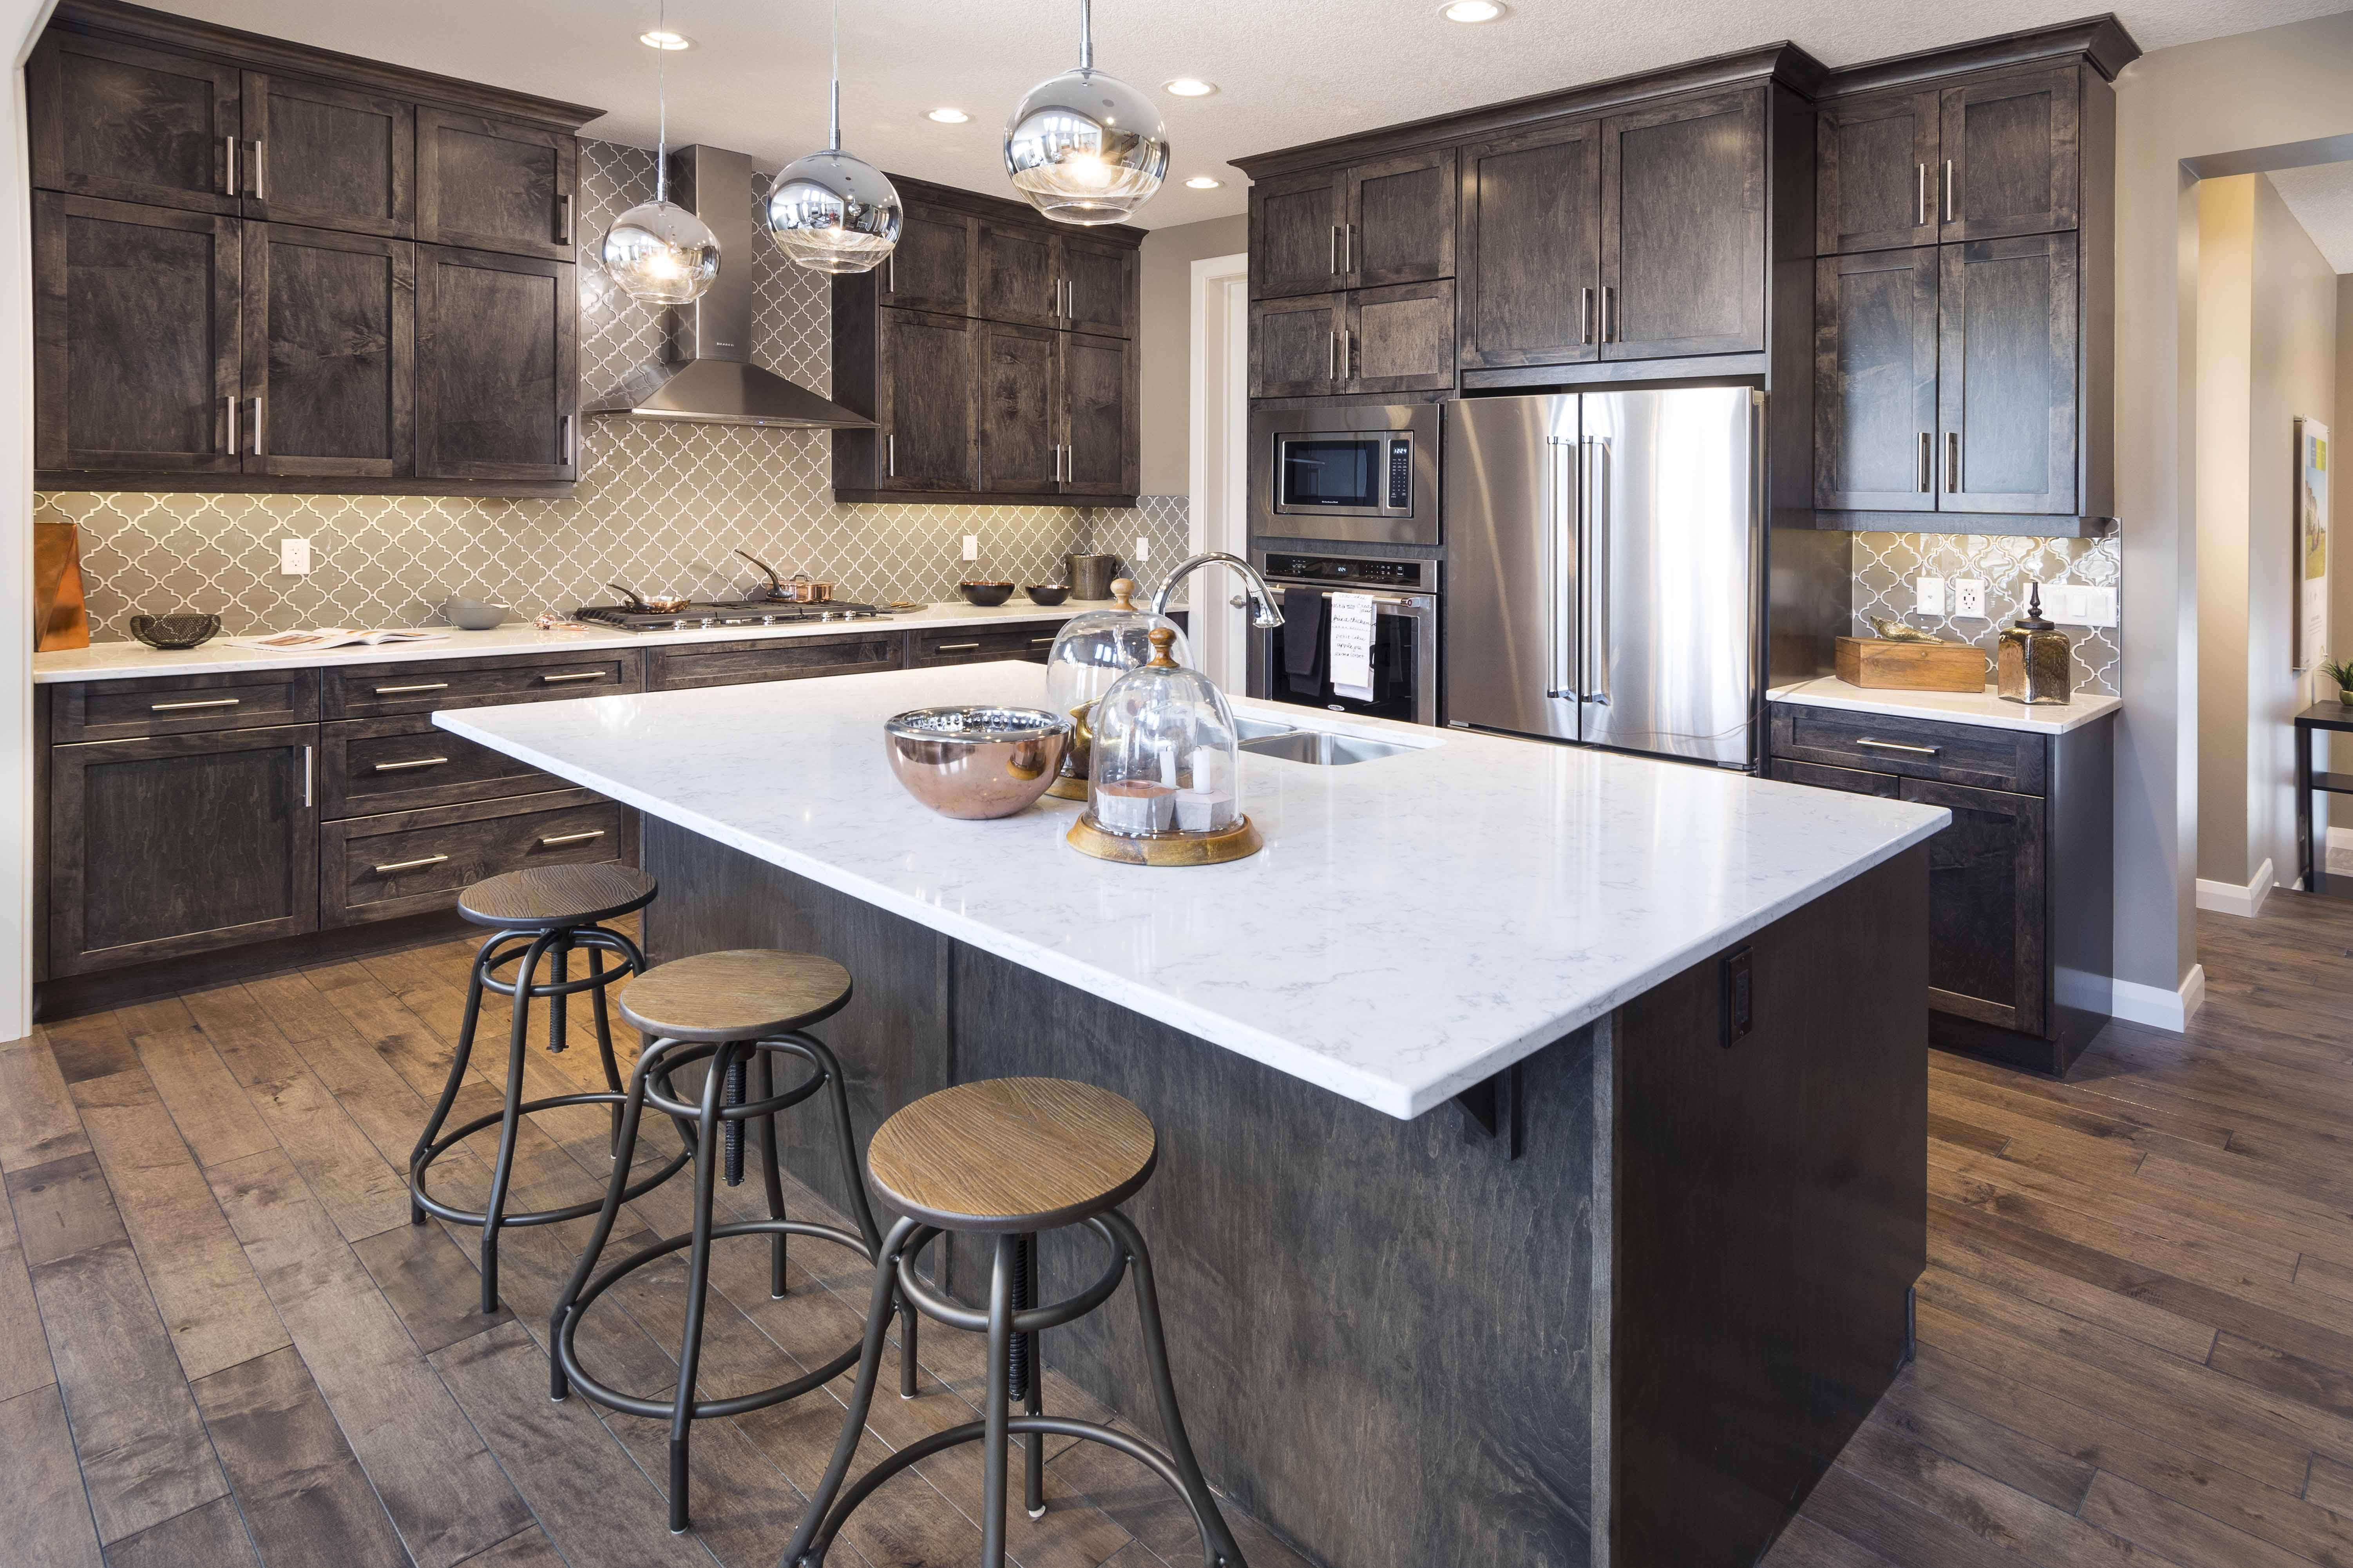 c_Cascade3_341_Kitchen